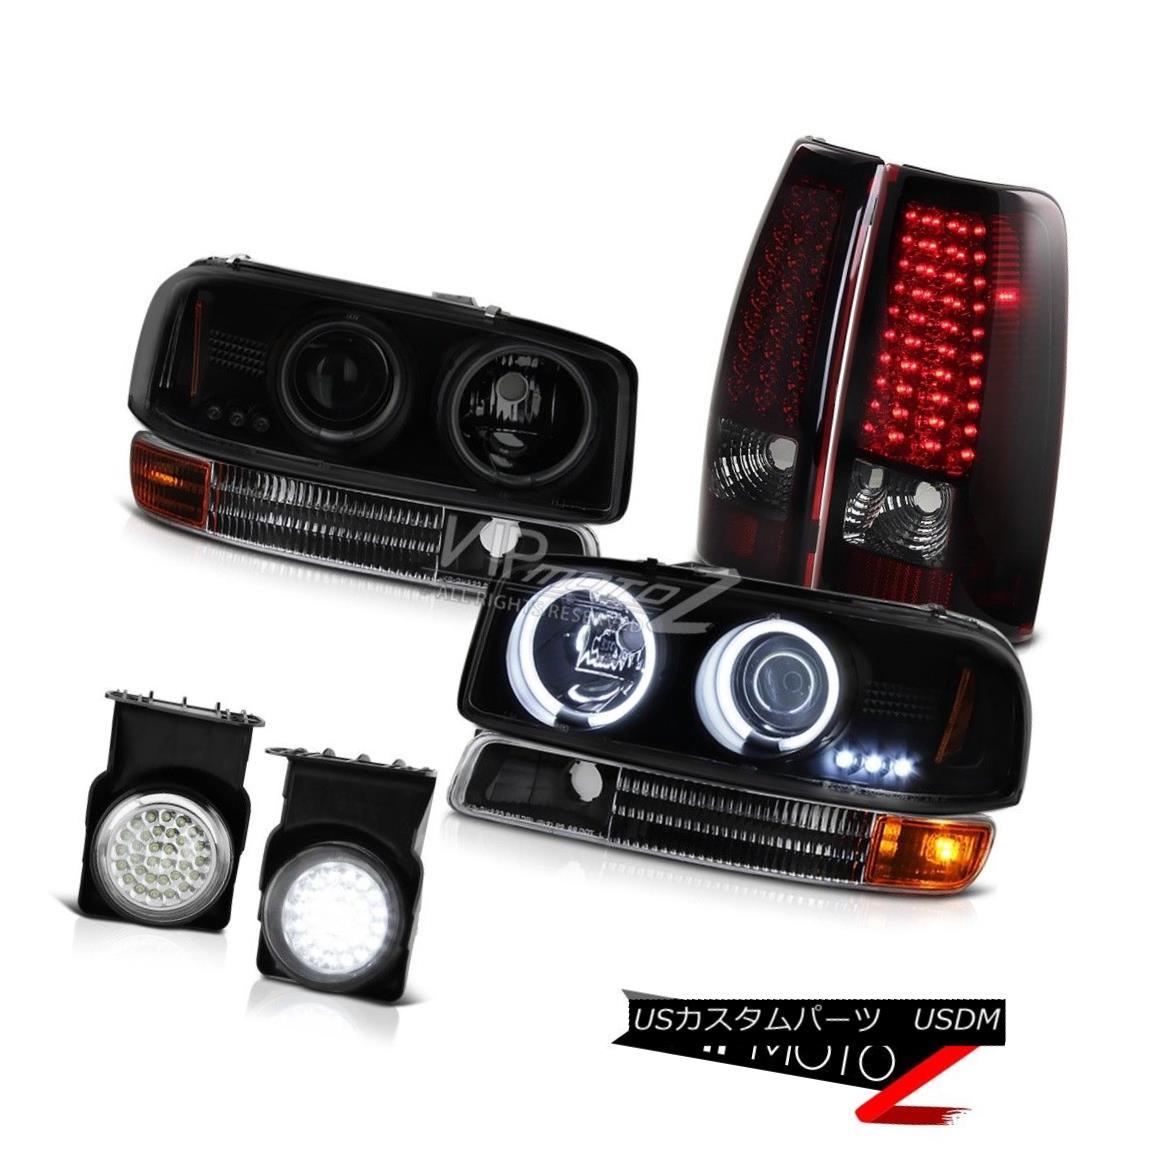 ヘッドライト 2003 Sierra 2500HD CCFL Angel Eye Headlamp Signal SMD Tail Lights Wiring LED Fog 2003 Sierra 2500HD CCFLエンジェルアイヘッドランプ信号SMDテールライト配線LEDフォグ